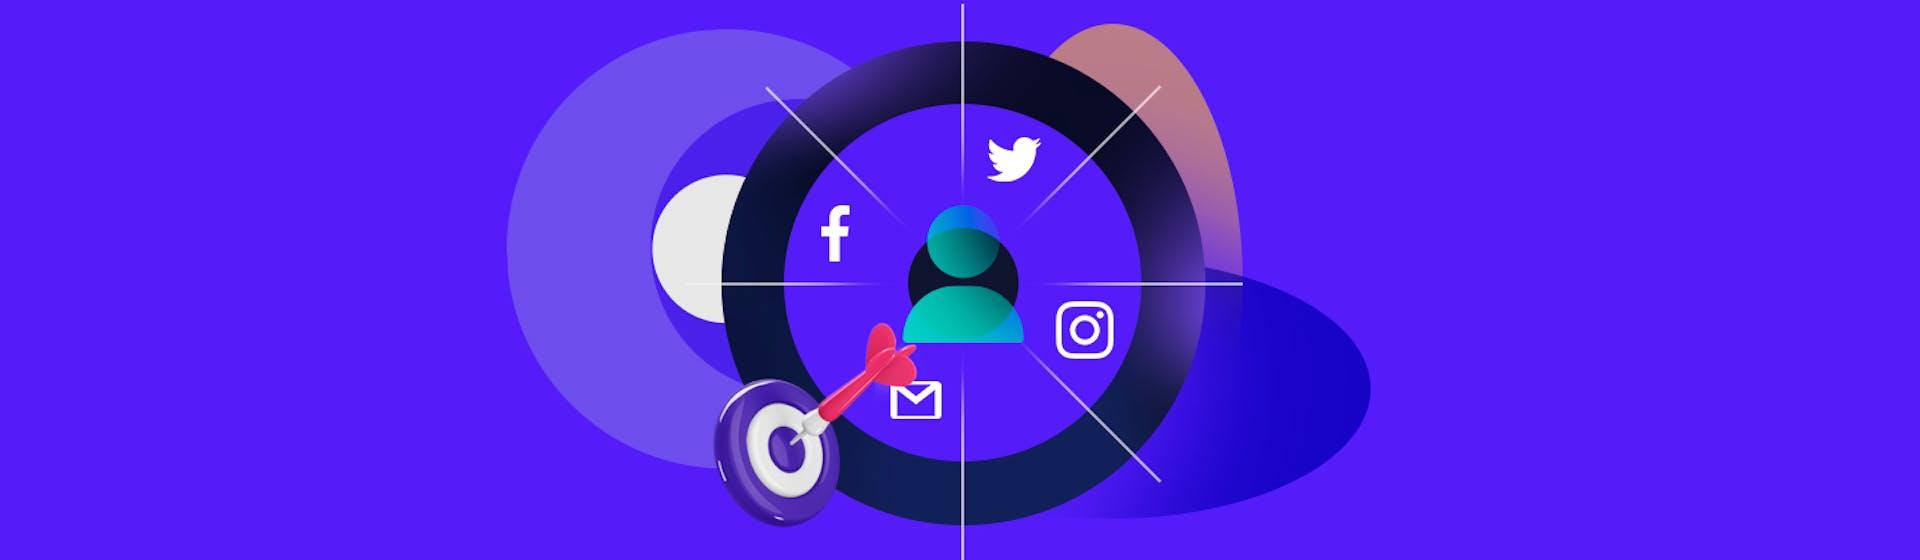 ¿Qué es un plan de medios digitales? Conoce sus secretos y herramientas